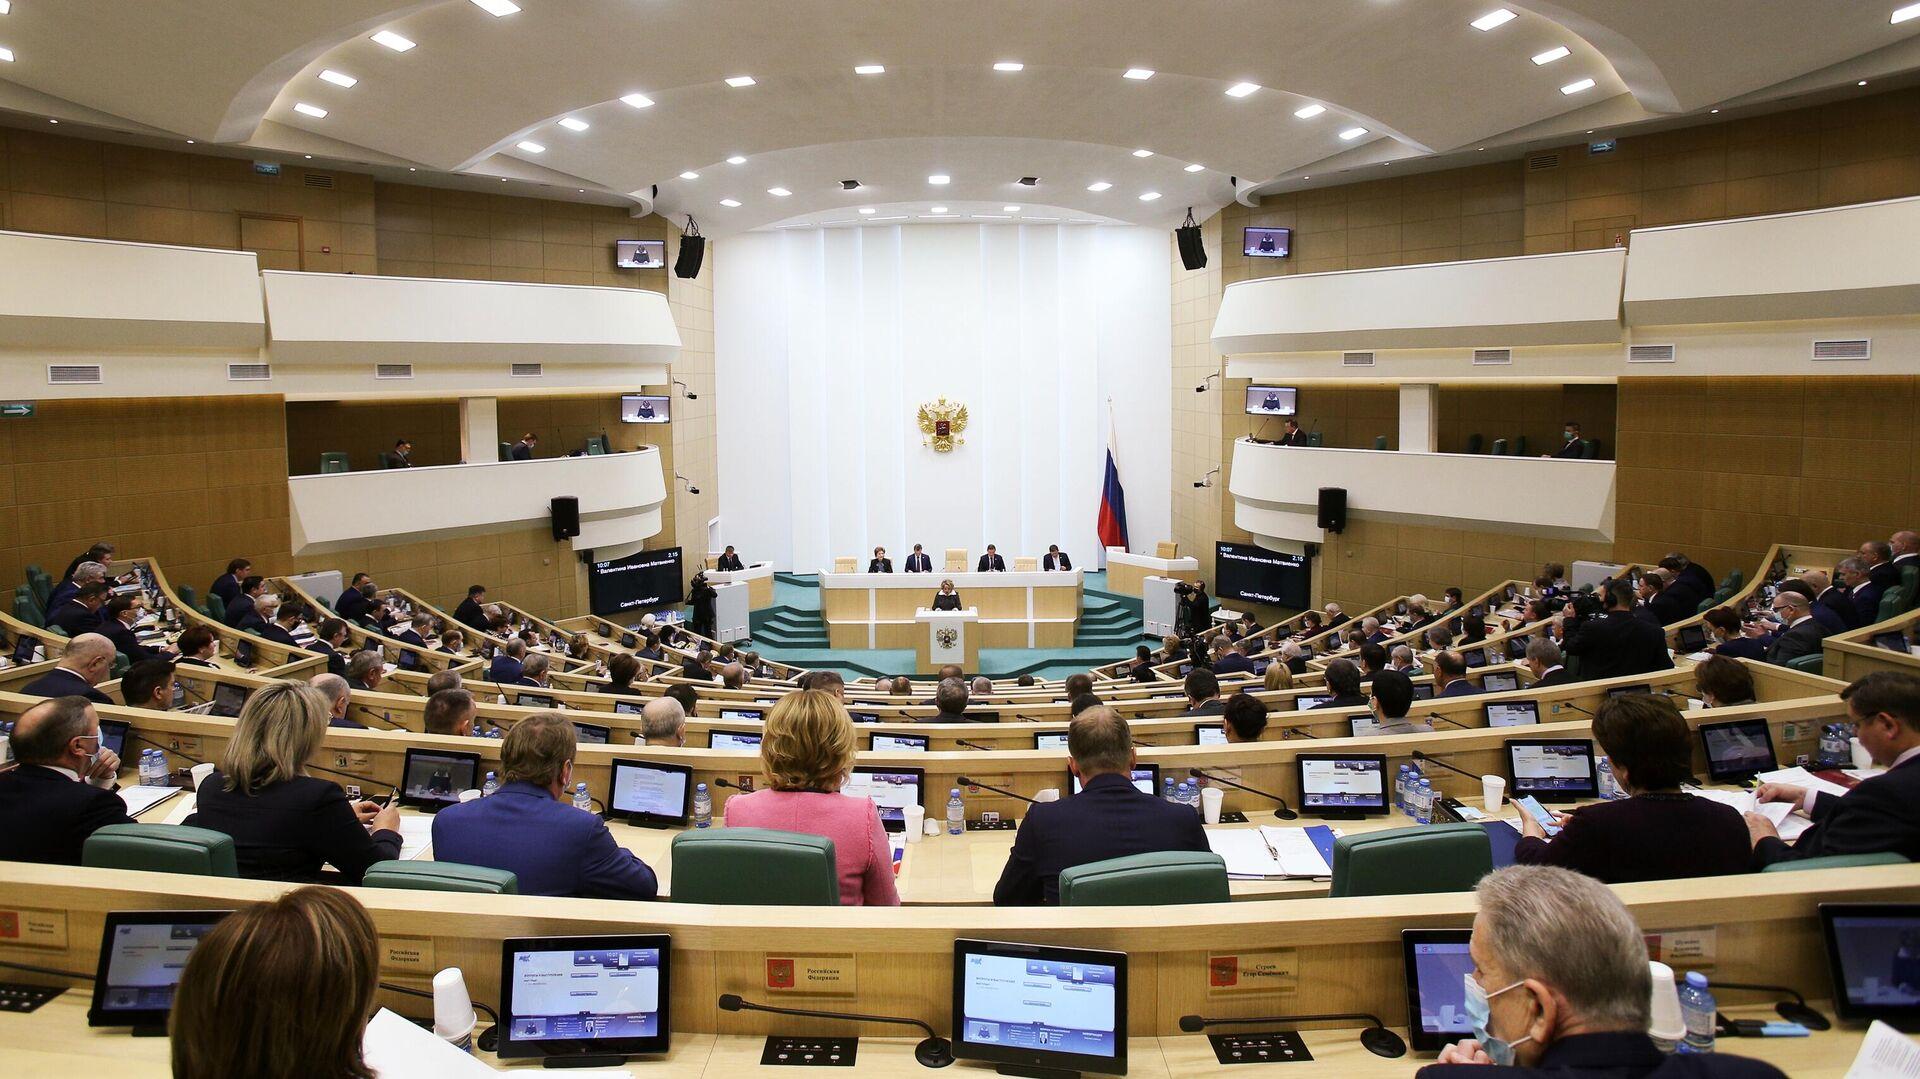 Первое пленарное заседание весенней сессии Совета Федерации РФ - РИА Новости, 1920, 17.02.2021